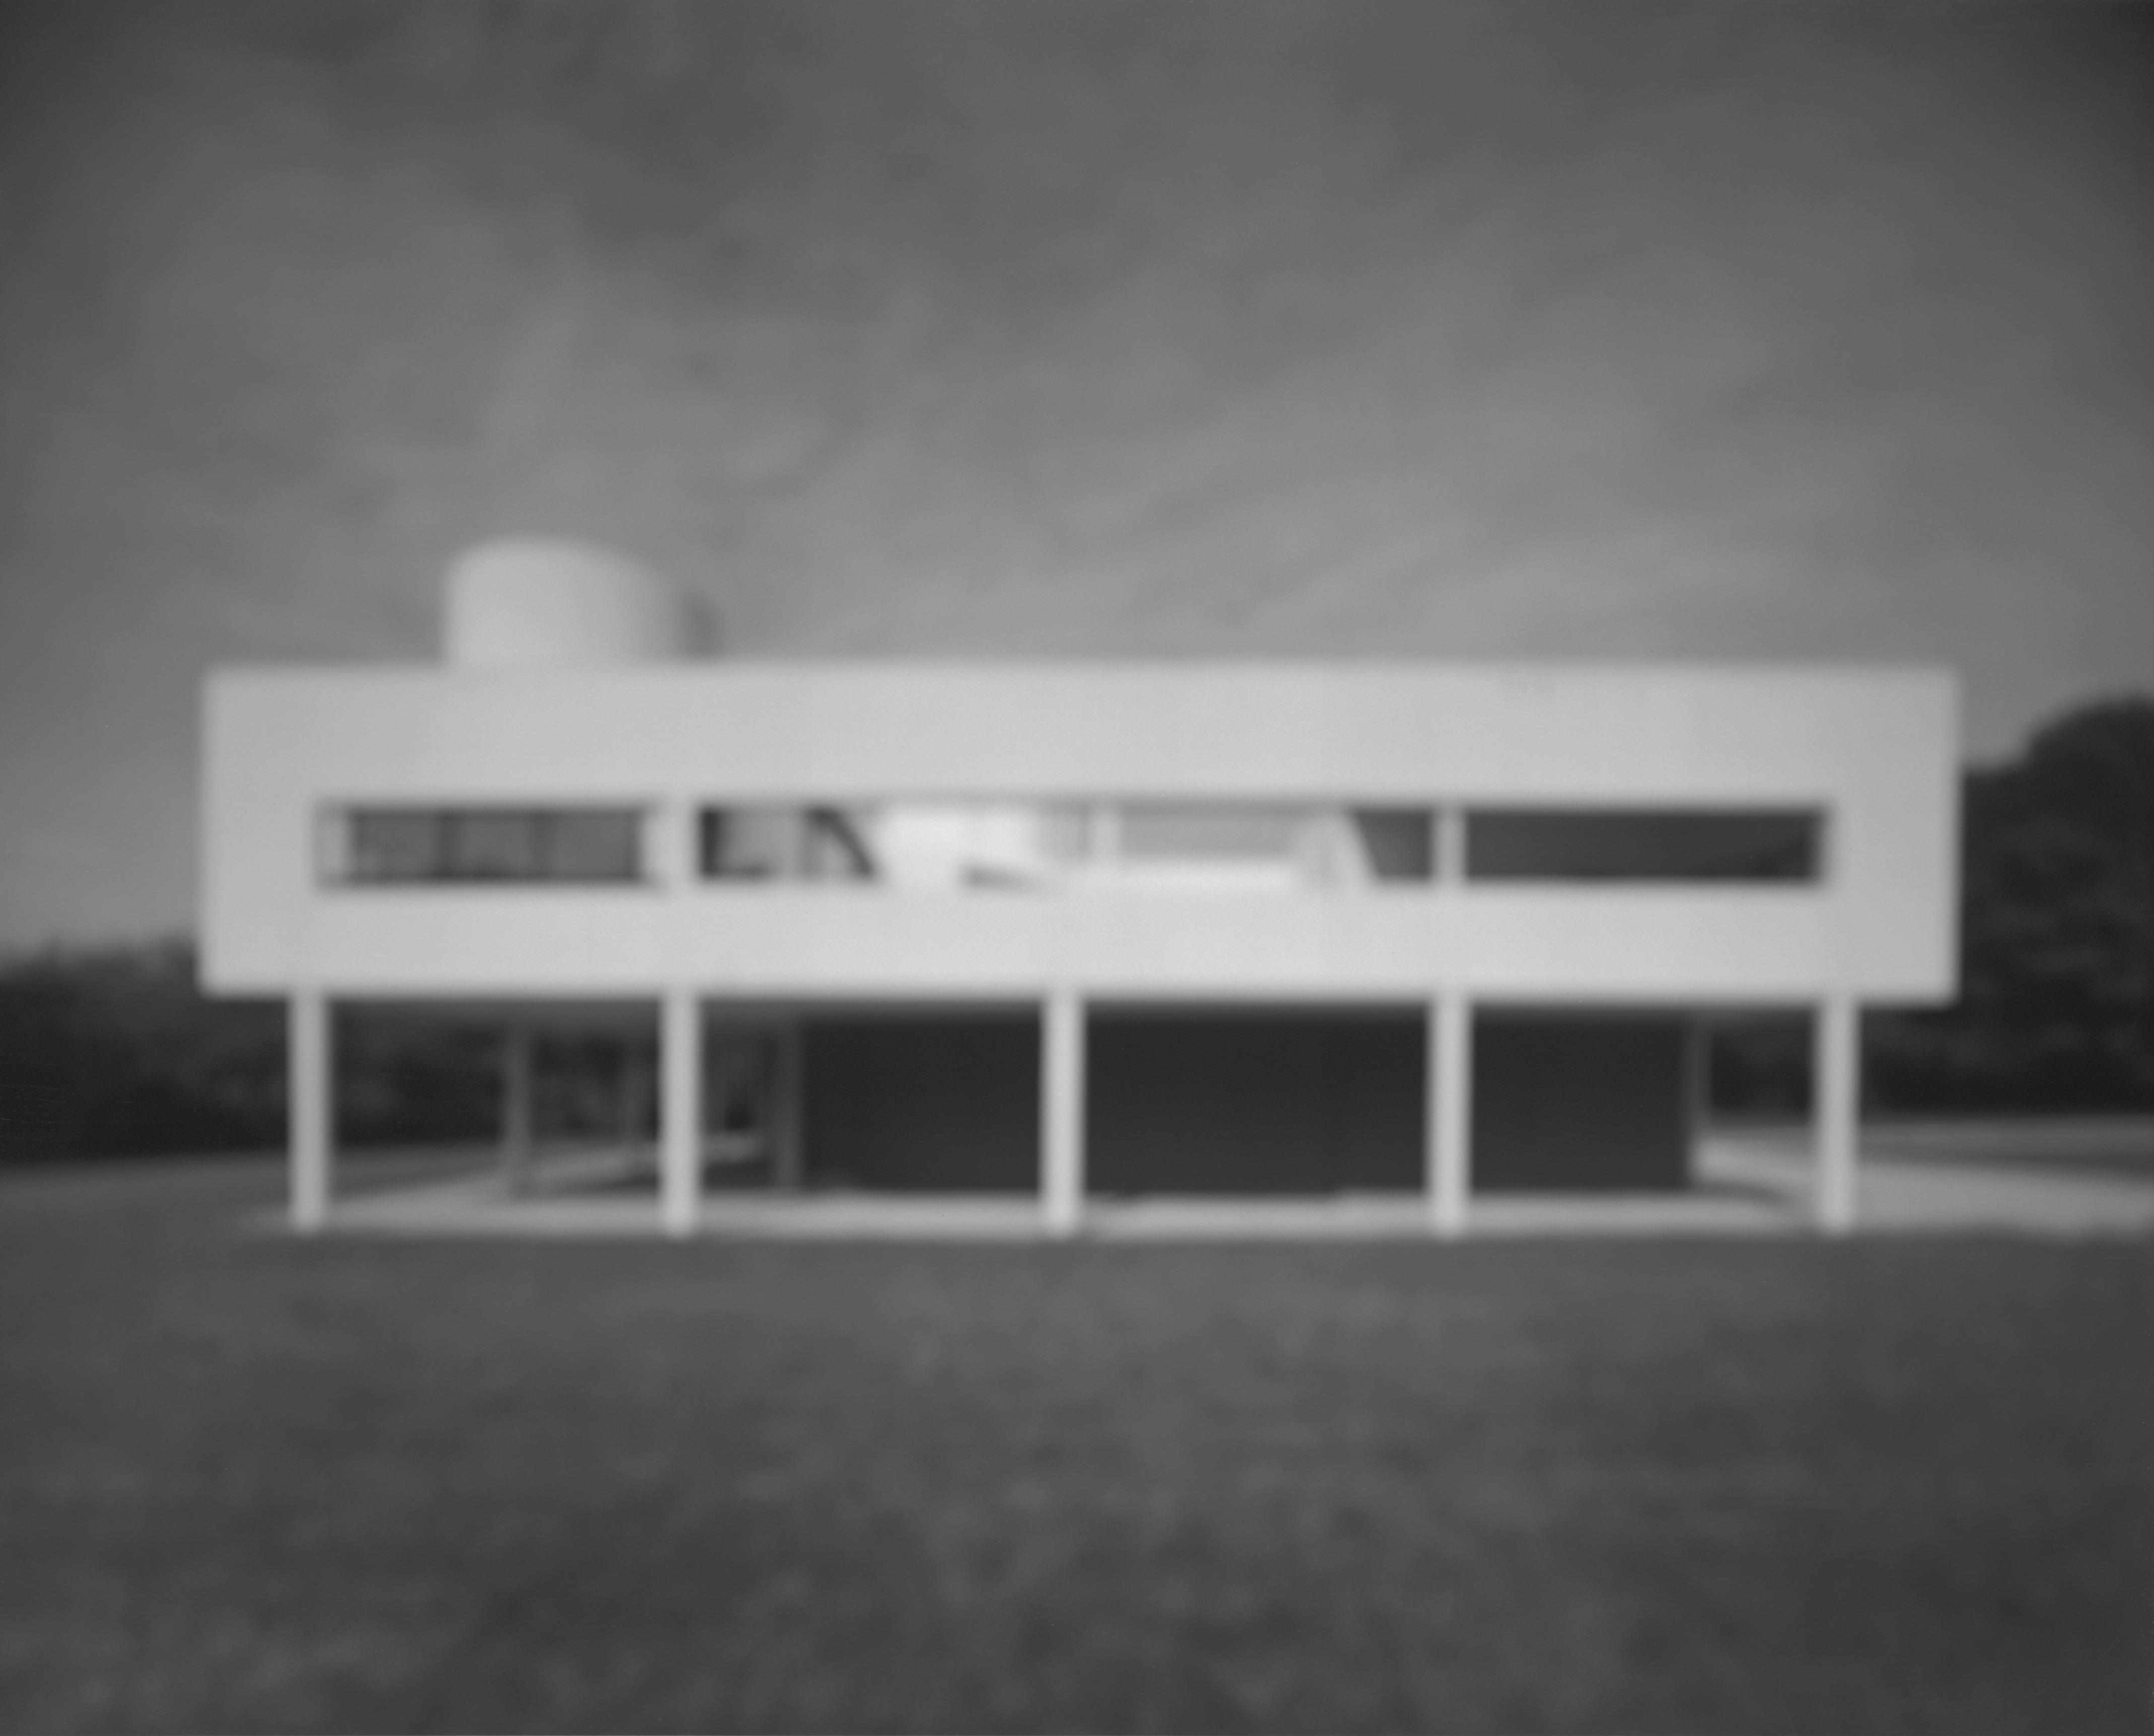 杉本博司「サヴォア邸」(建築家:ル・コルビュジエ)(c)Hiroshi Sugimoto/Courtesy of Gallery Koyanagi